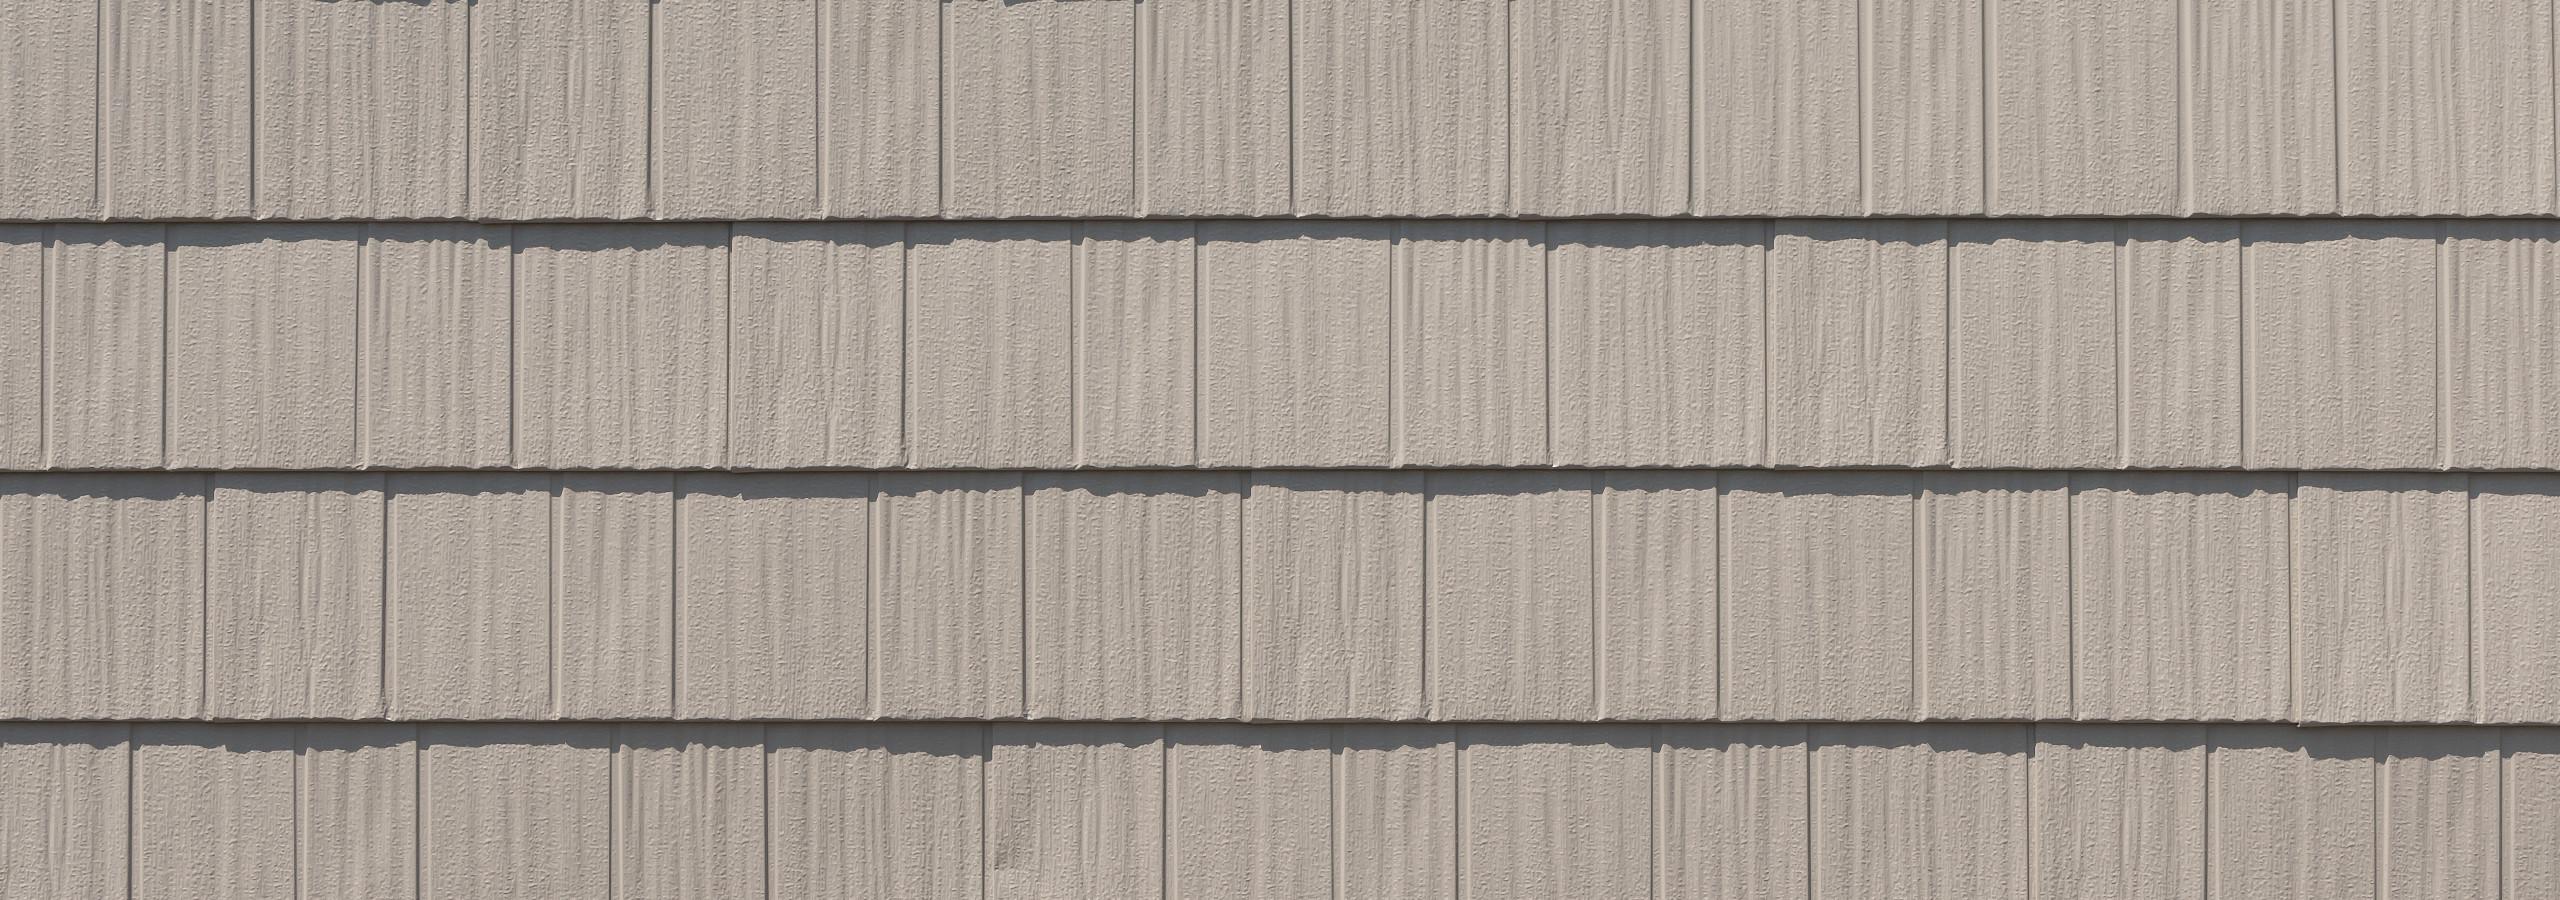 Sandstone steel shake roofing